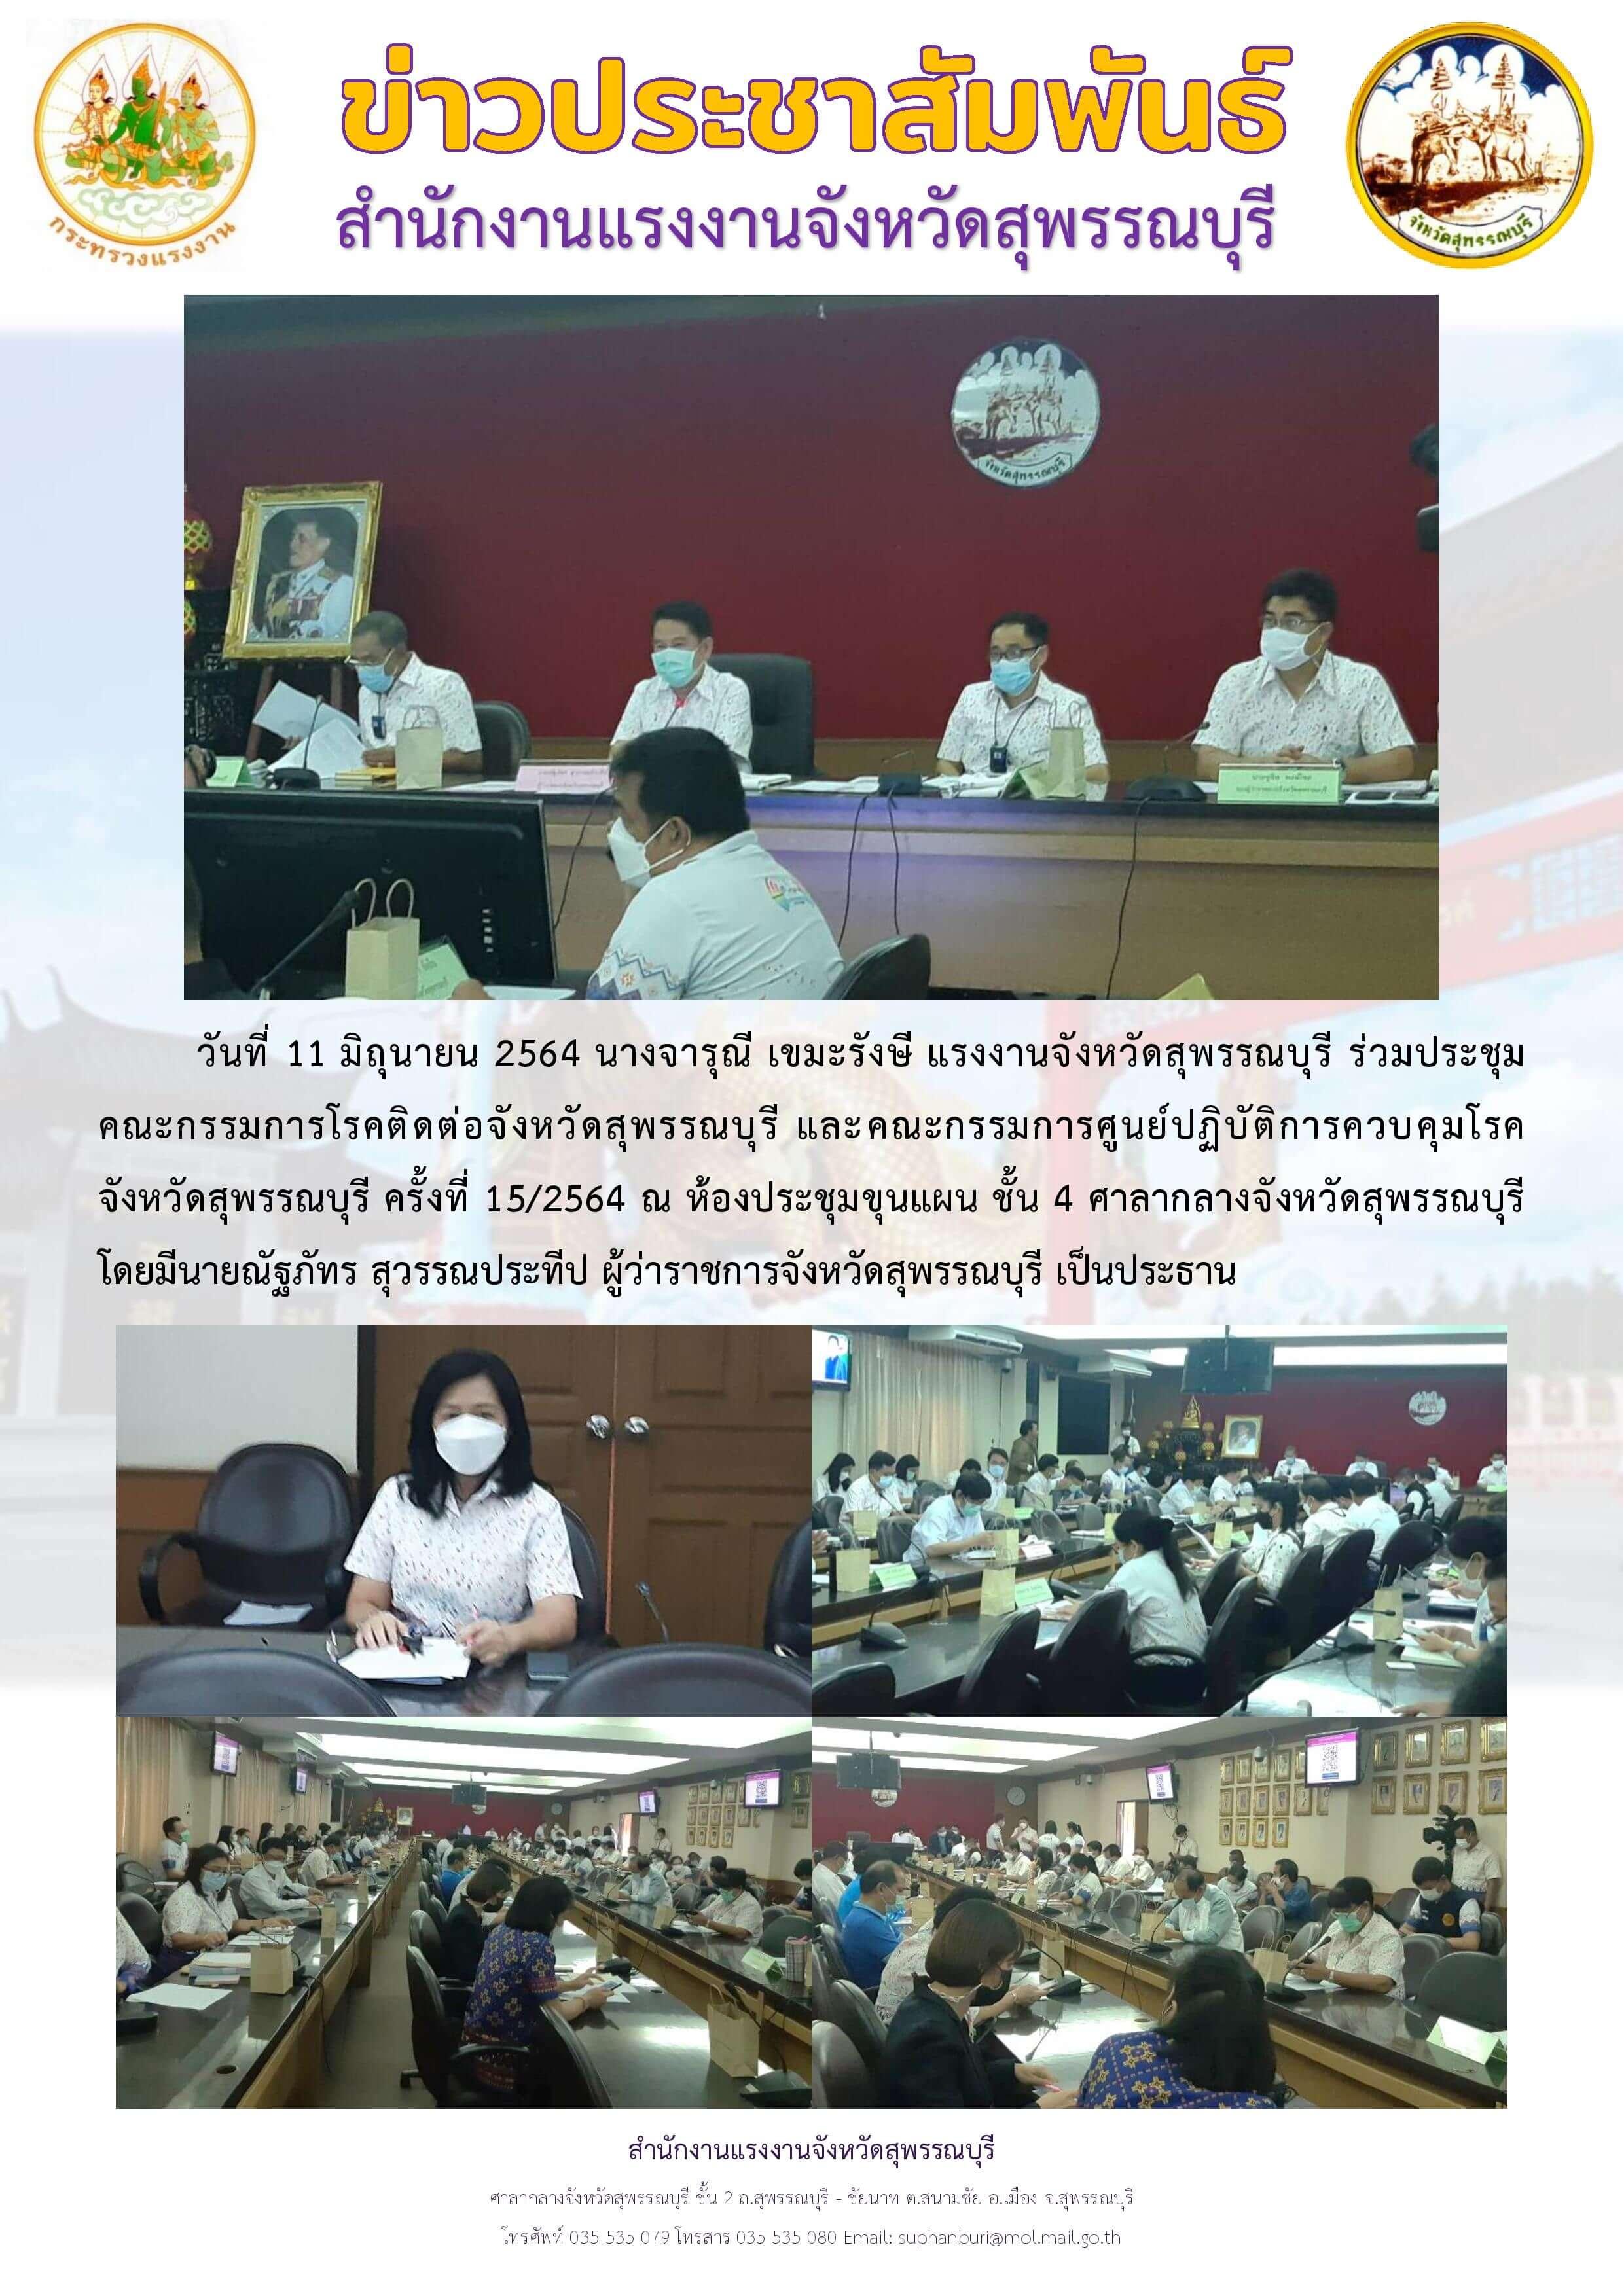 แรงงานจังหวัดสุพรรณบุรี ร่วมประชุมคณะกรรมการโรคติดต่อจังหวัดสุพรรณบุรี และคณะกรรมการศูนย์ปฏิบัติการควบคุมโรคจังหวัดสุพรรณบุรี ครั้งที่ 15/2564